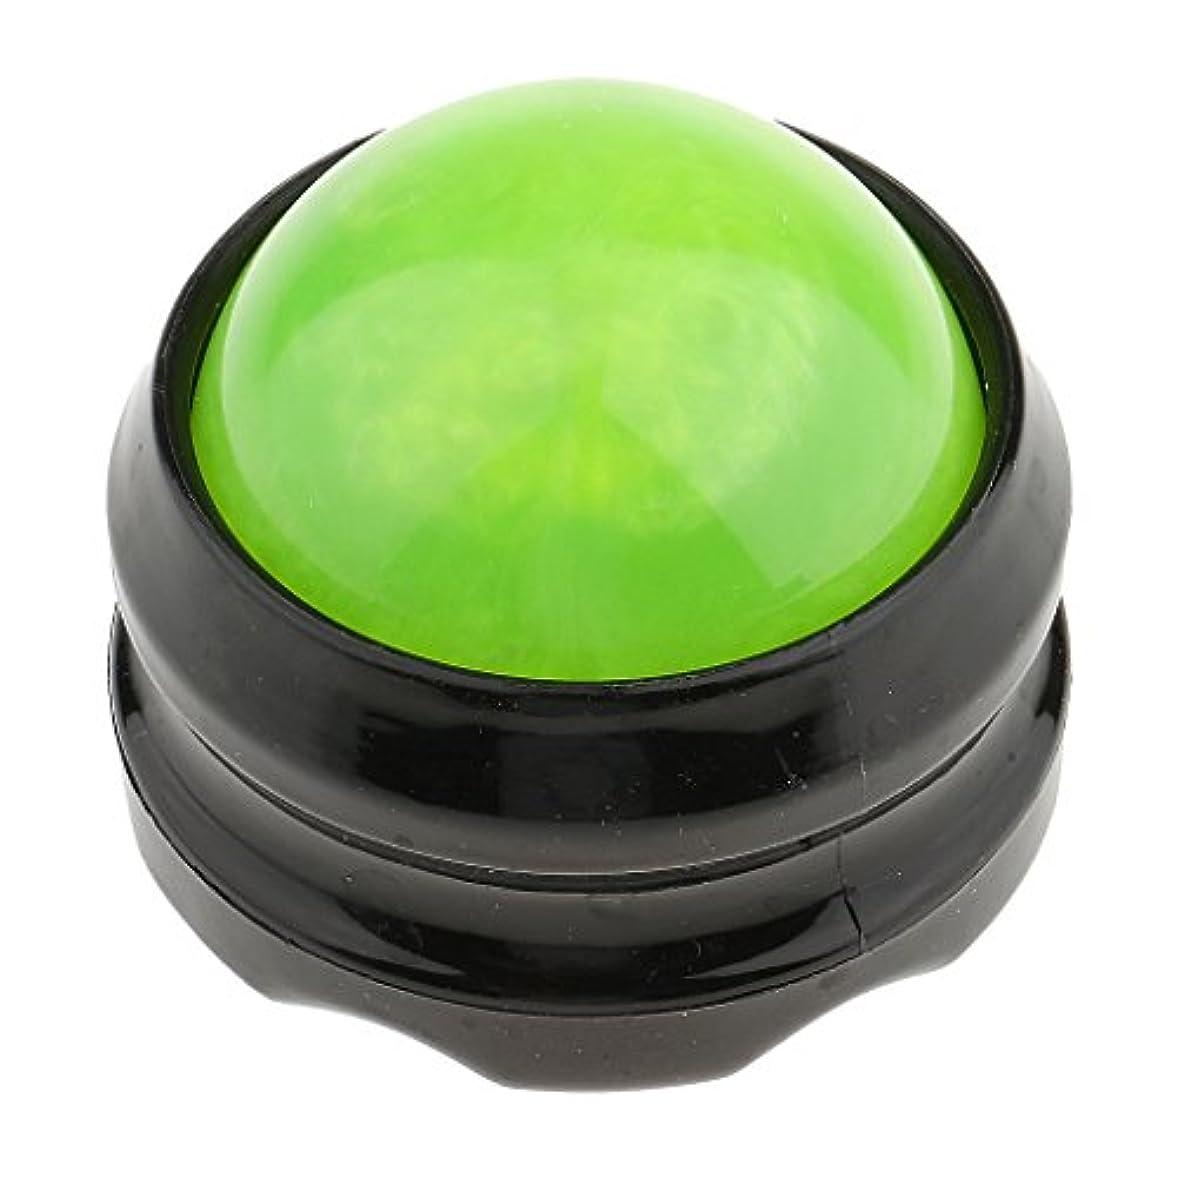 バレルデッキ私たちマッサージ ローラーボール ボディ バック ネック フット セルフマッサージ ツール グリーンブラック